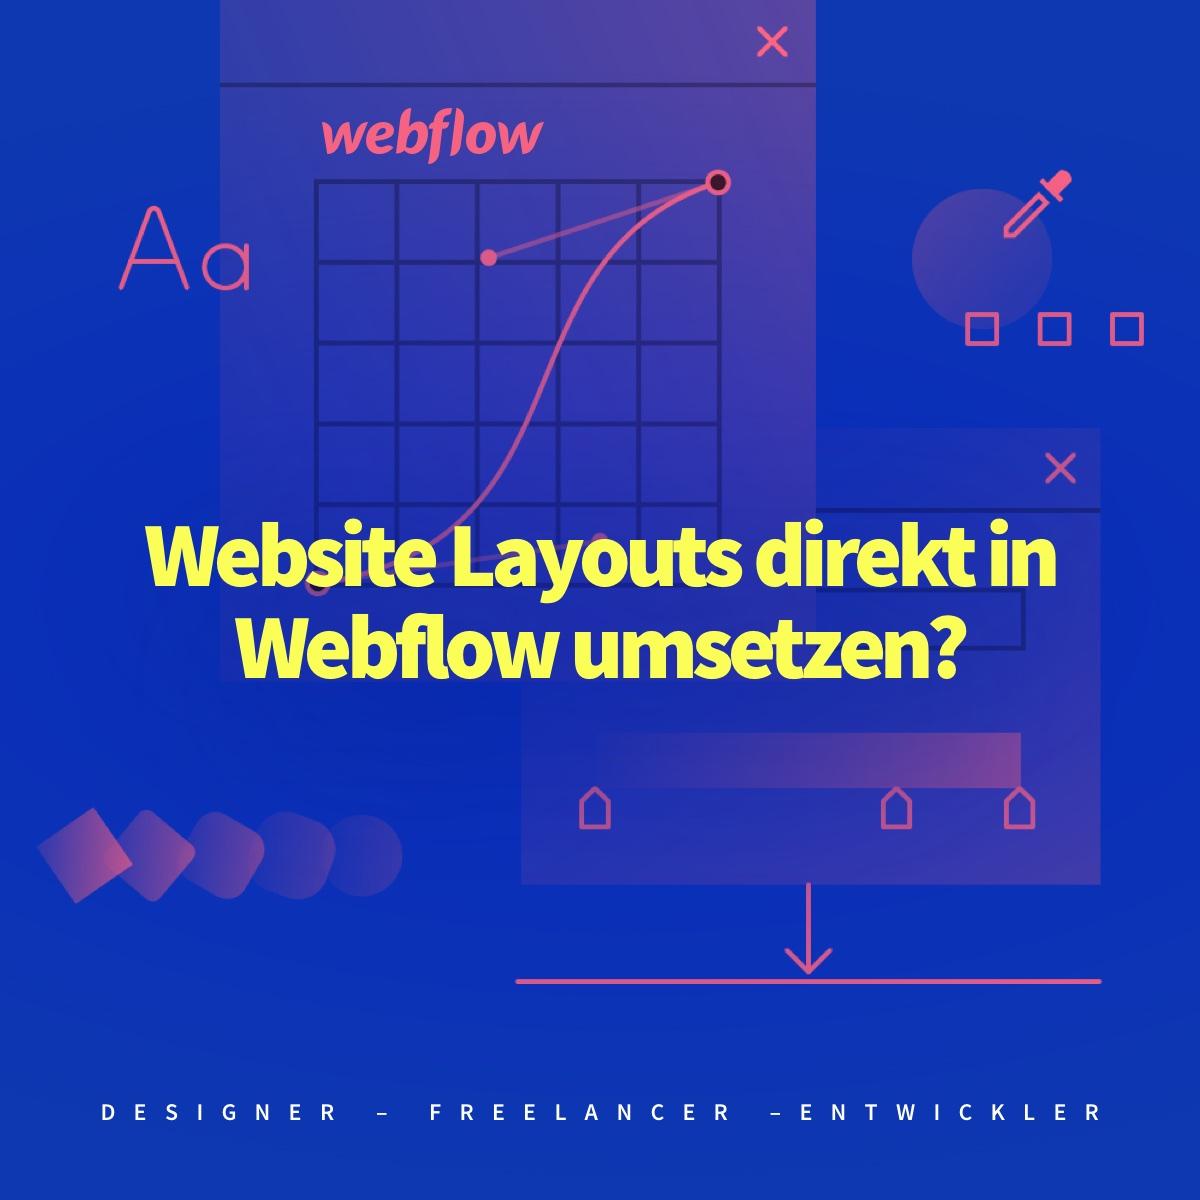 Website Layouts direkt in Webflow umsetzen oder erst mit einem Design-Programm wie Sketch?